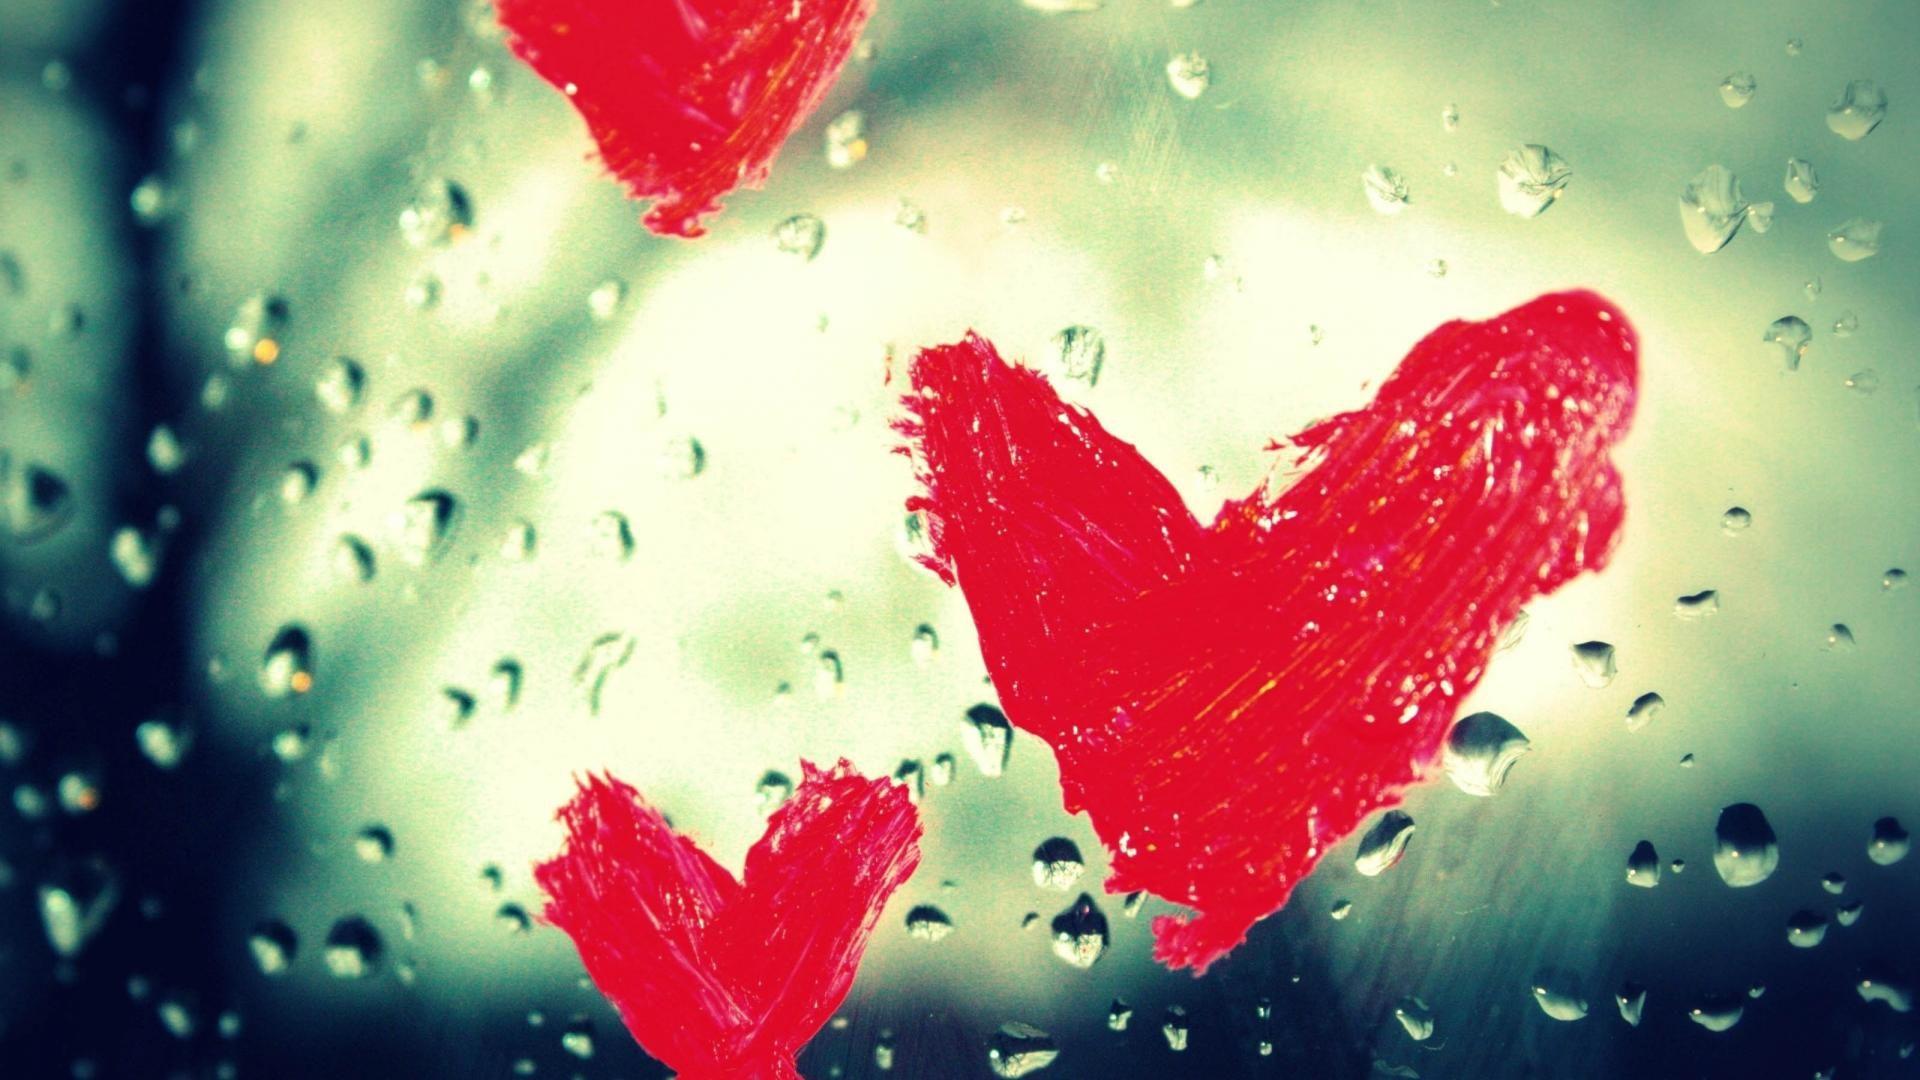 Картинки с сердечком красивые на аву